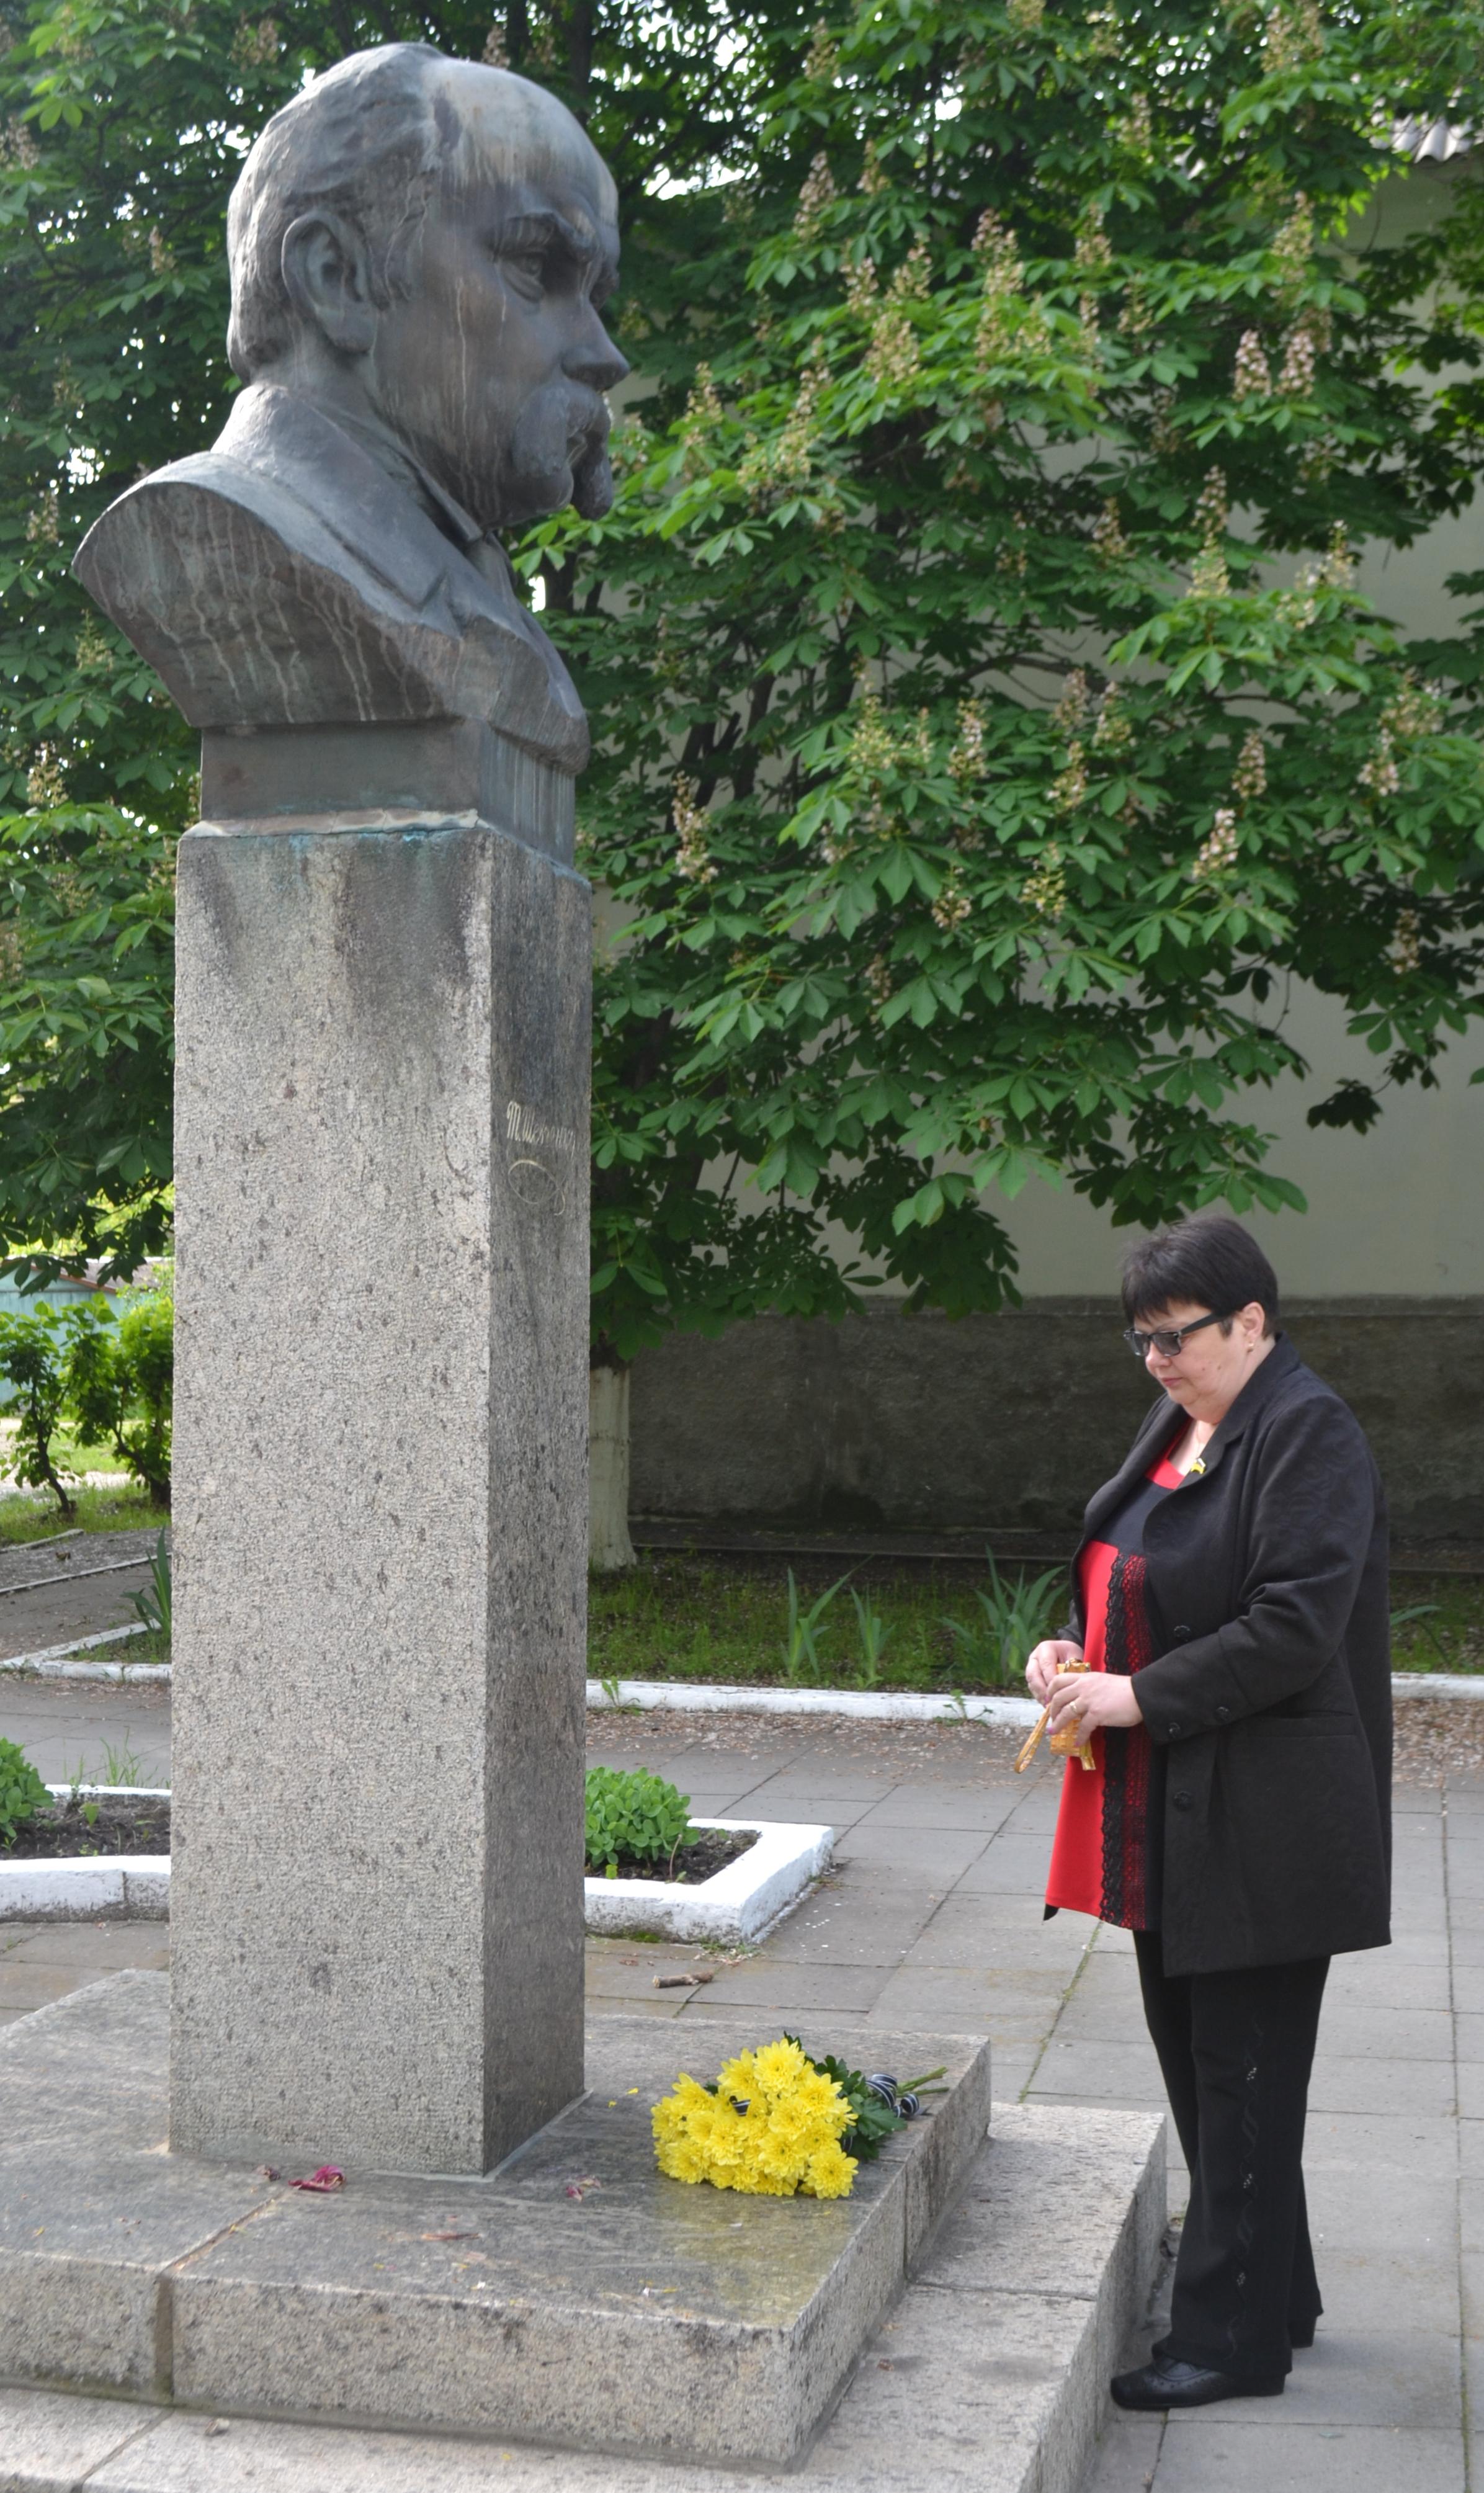 Відбувся захід з нагоди відзначення Дня пам'яті жертв політичних репресій.